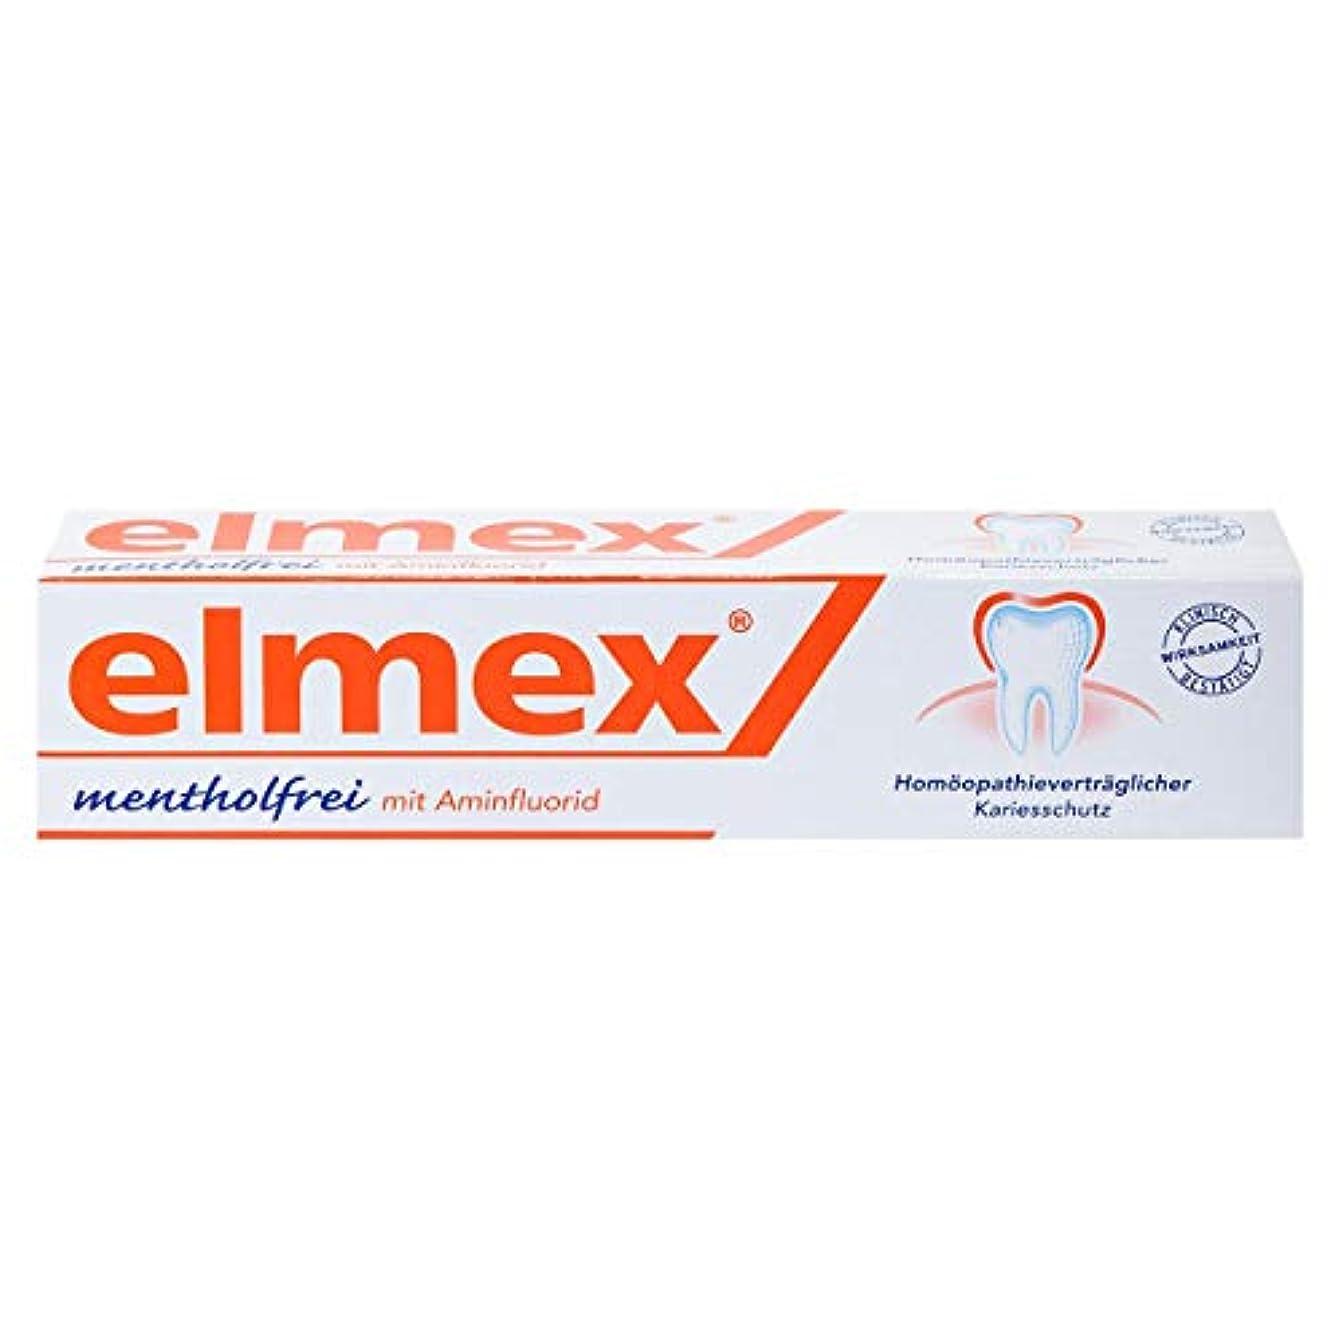 出会いパブ散逸3本セット elmex エルメックス メントールフリー 虫歯予防 歯磨き粉 75ml【並行輸入品】